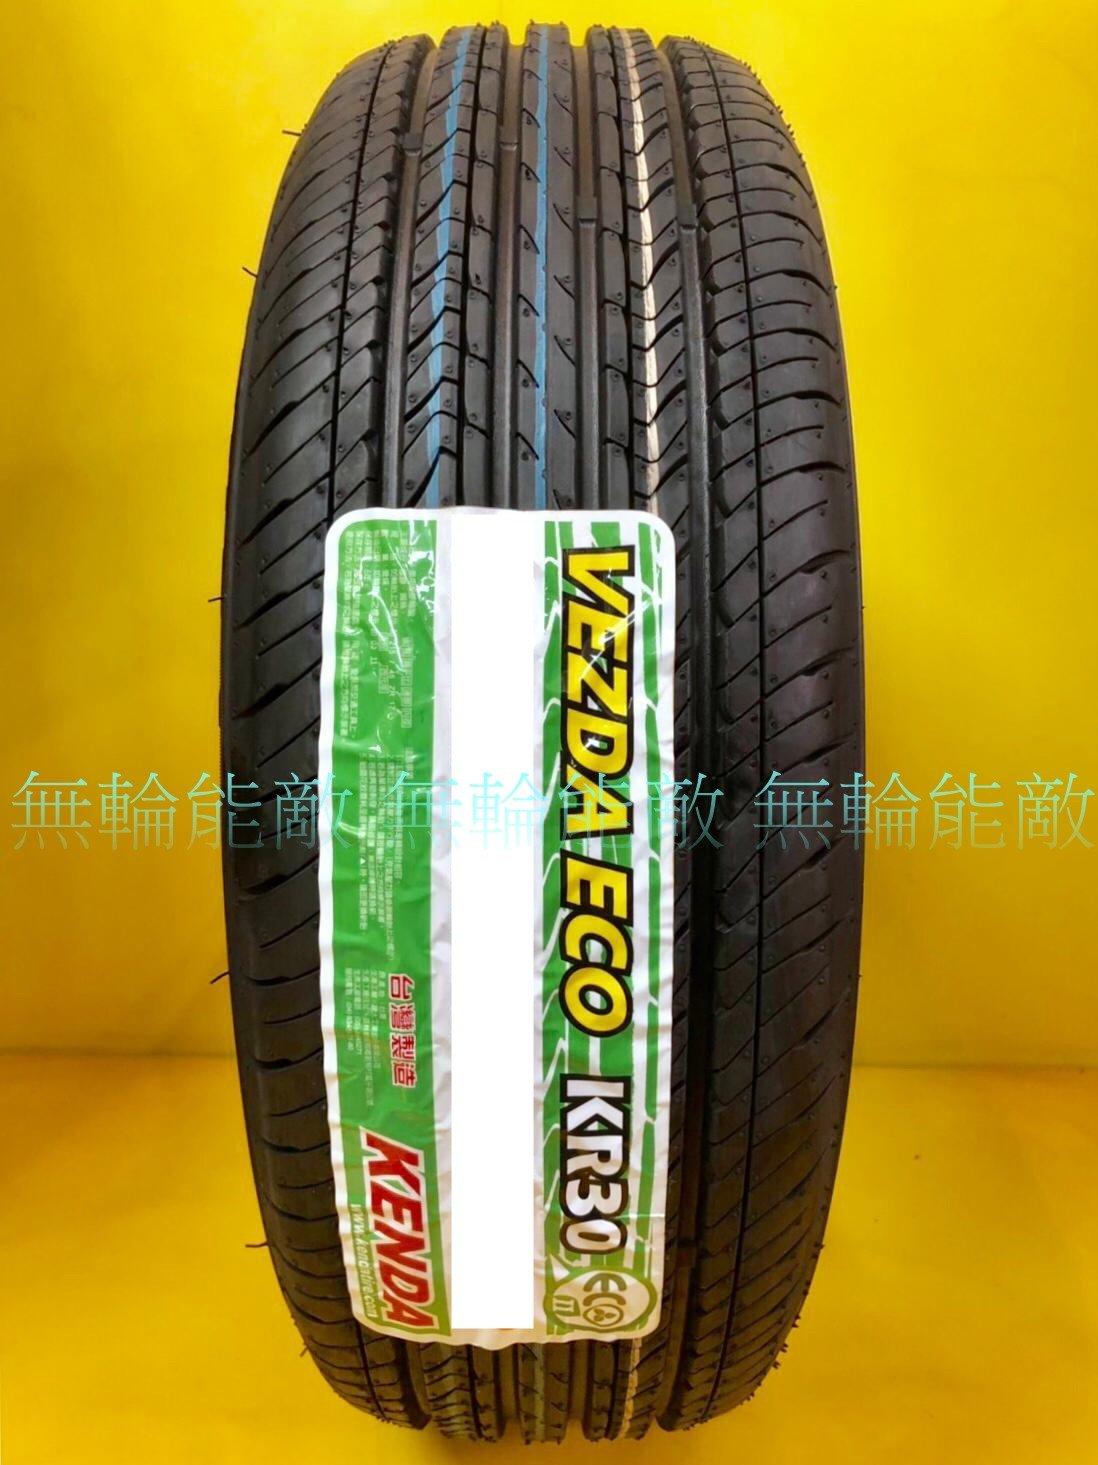 全新輪胎 KENDA 建大 KR30 215/55-17 94V 台灣製造